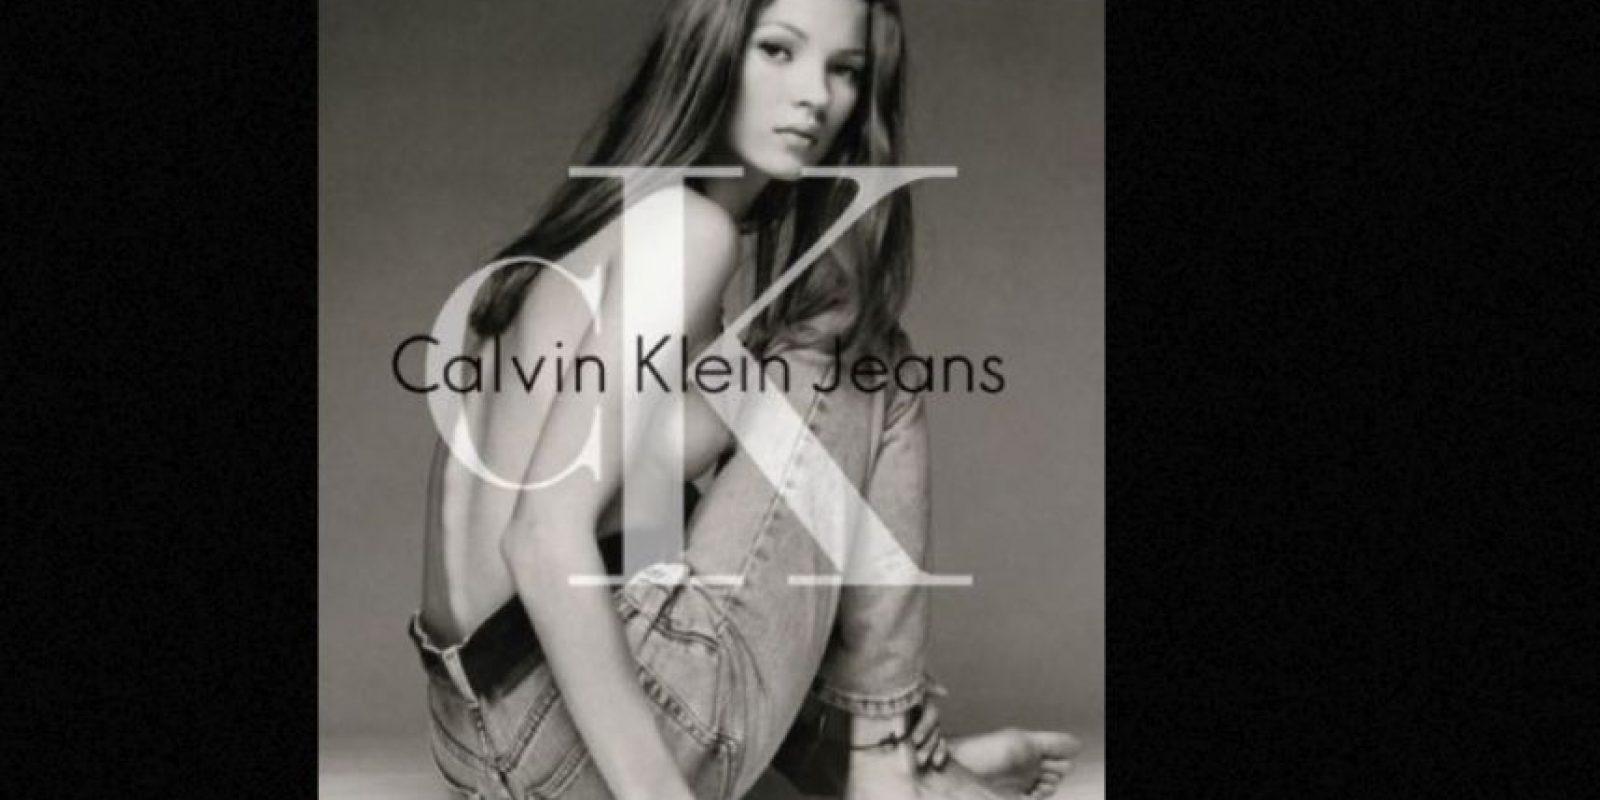 Sigue siendo icónica su foto para este anuncio. Foto:Calvin Klein